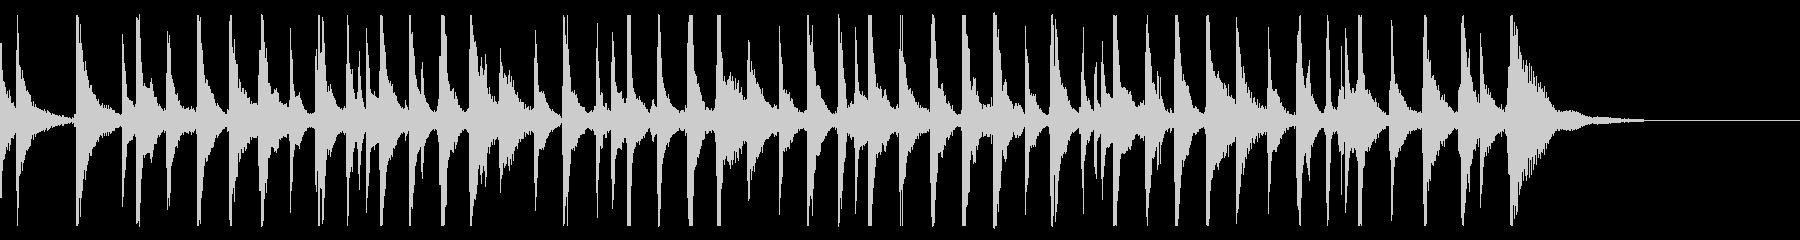 出囃子アレンジの「かごめかごめ」の未再生の波形